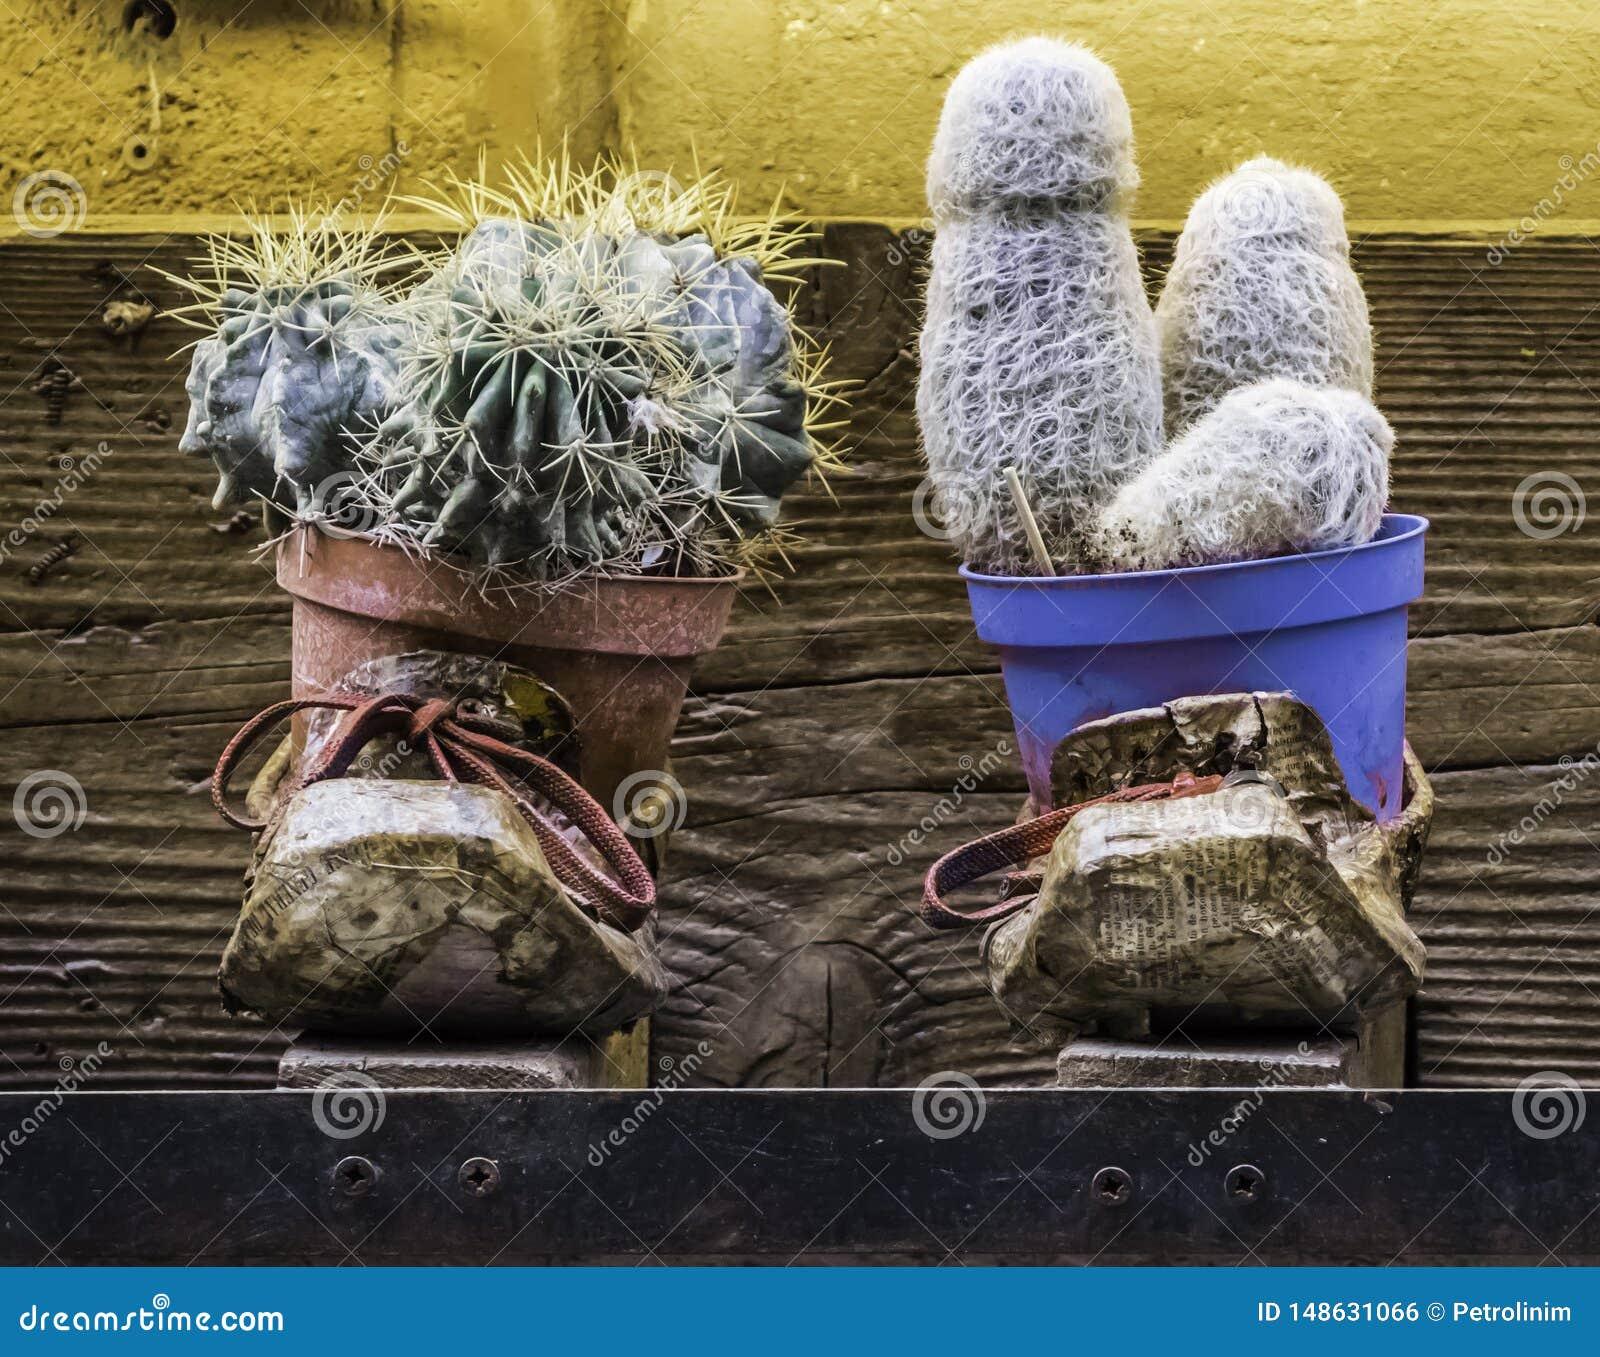 对有里面仙人掌植物的使用的和色的鞋子